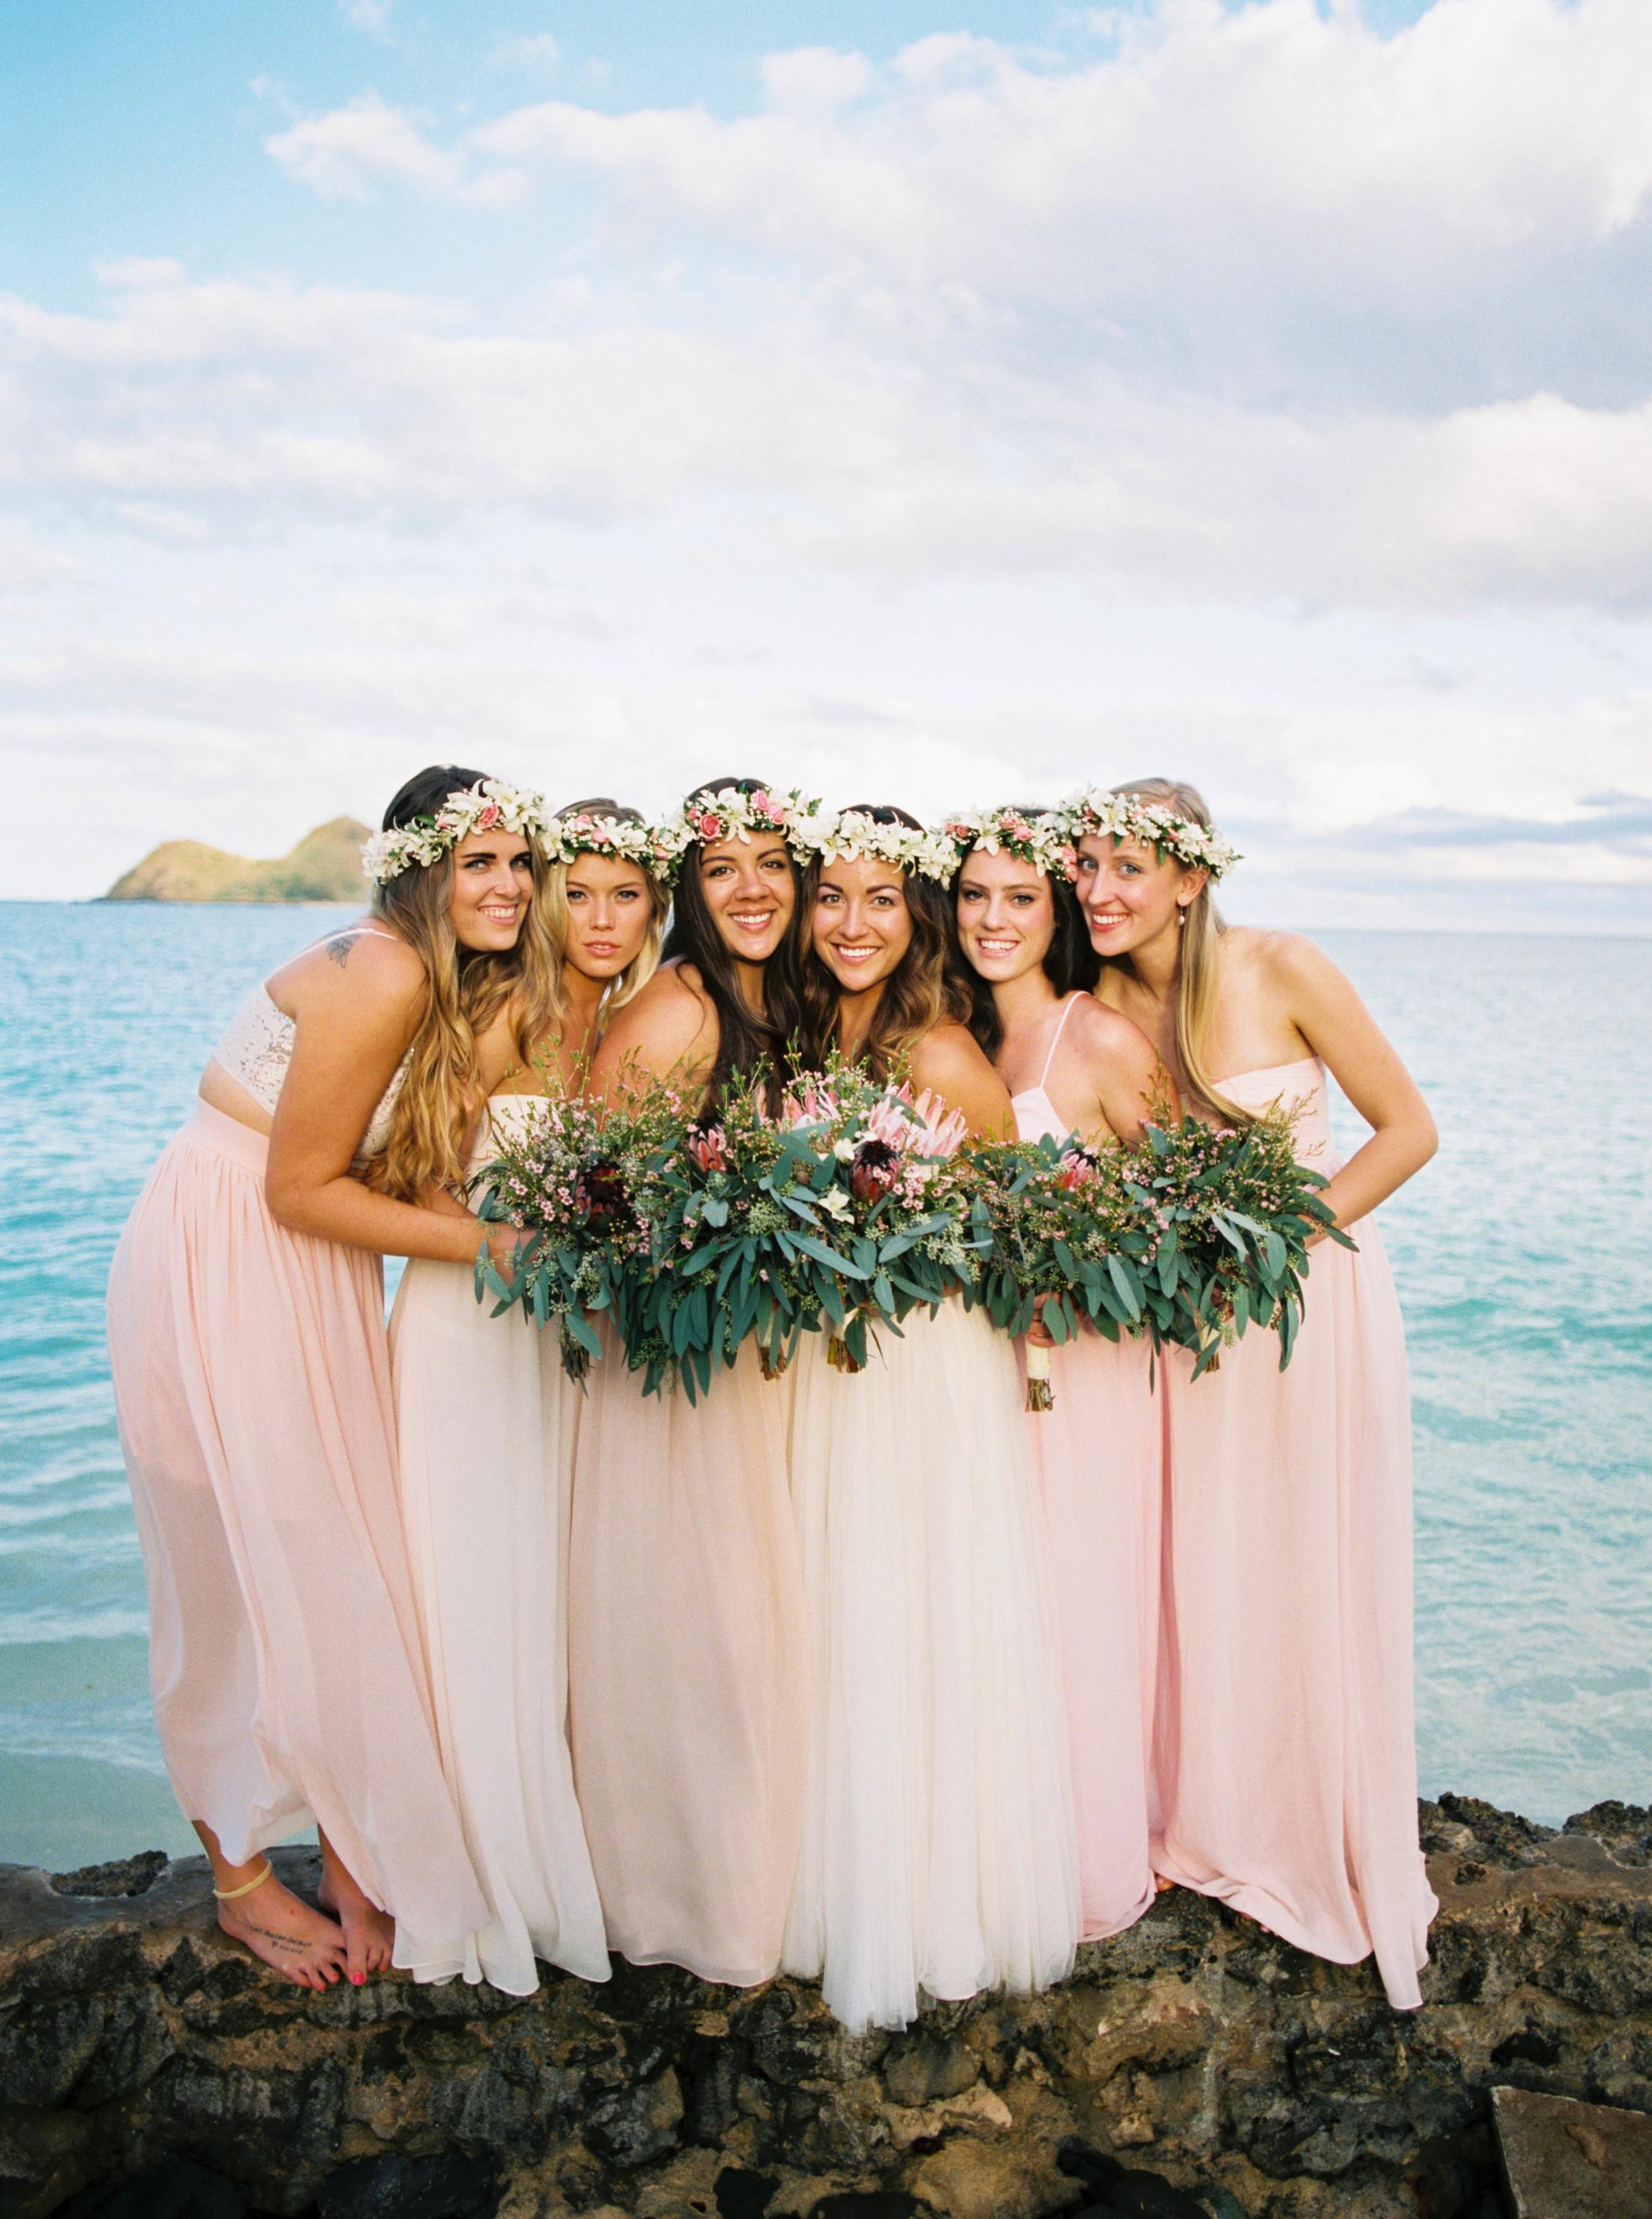 donny_zavala_fuji400_contax645_kailua_hawaii_photovisionprints.jpg